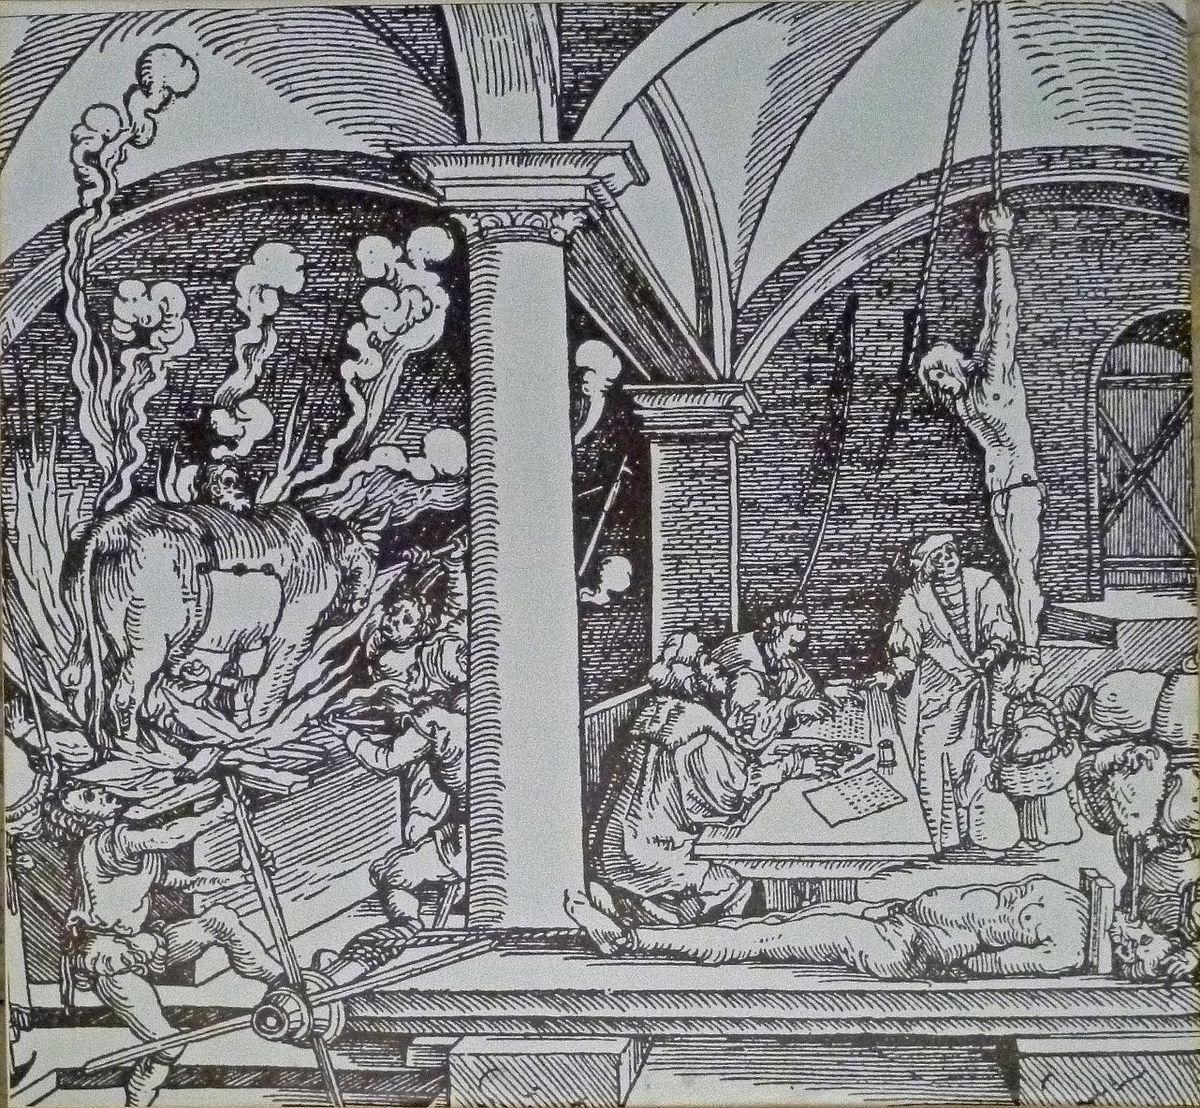 Tortura - Wikipedia, la enciclopedia libre